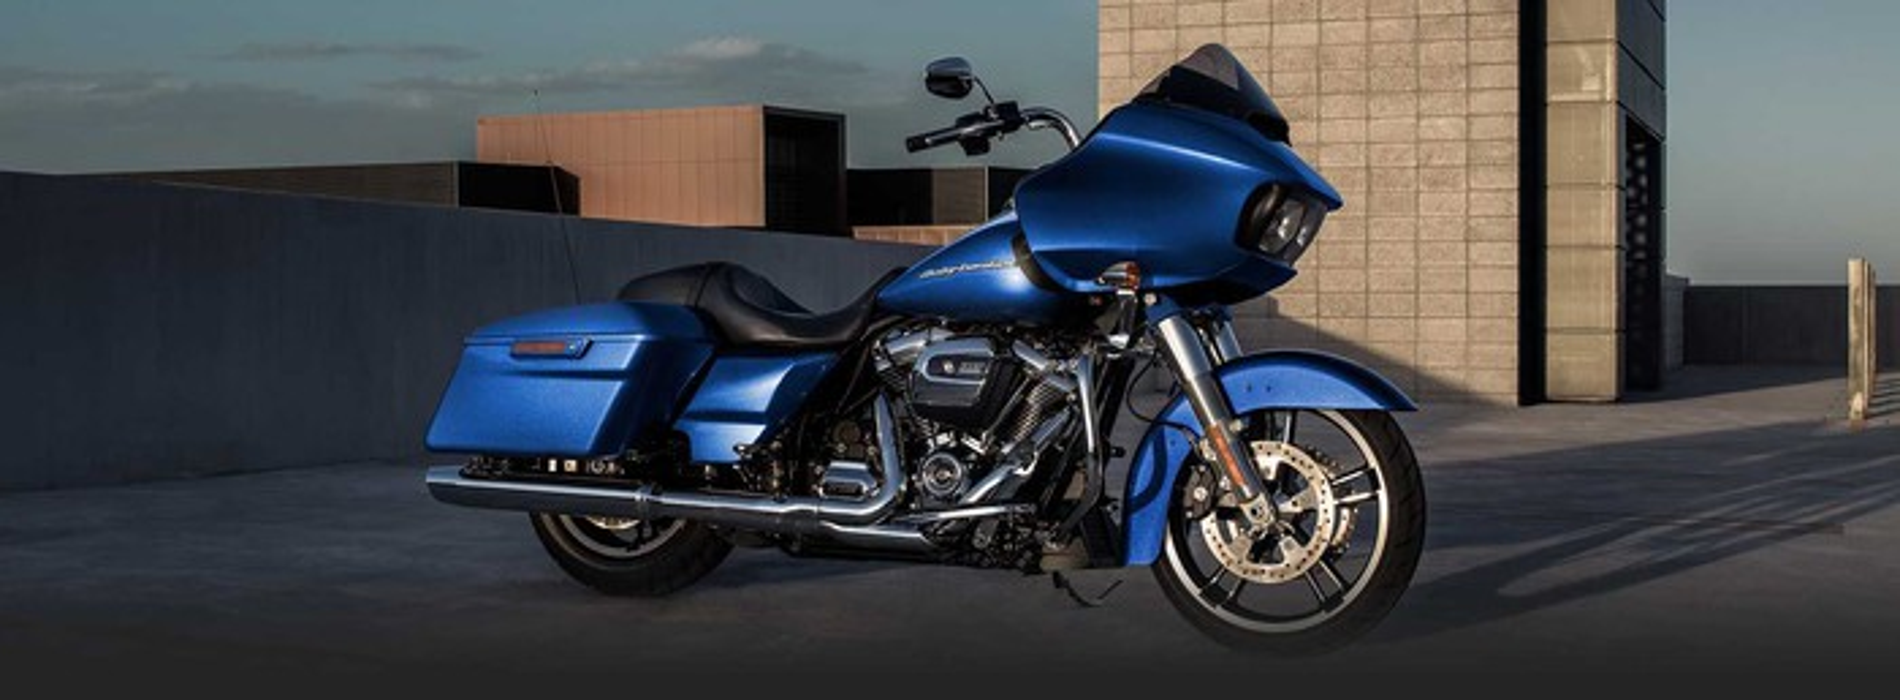 Blue Harley-Davidson Road Glide